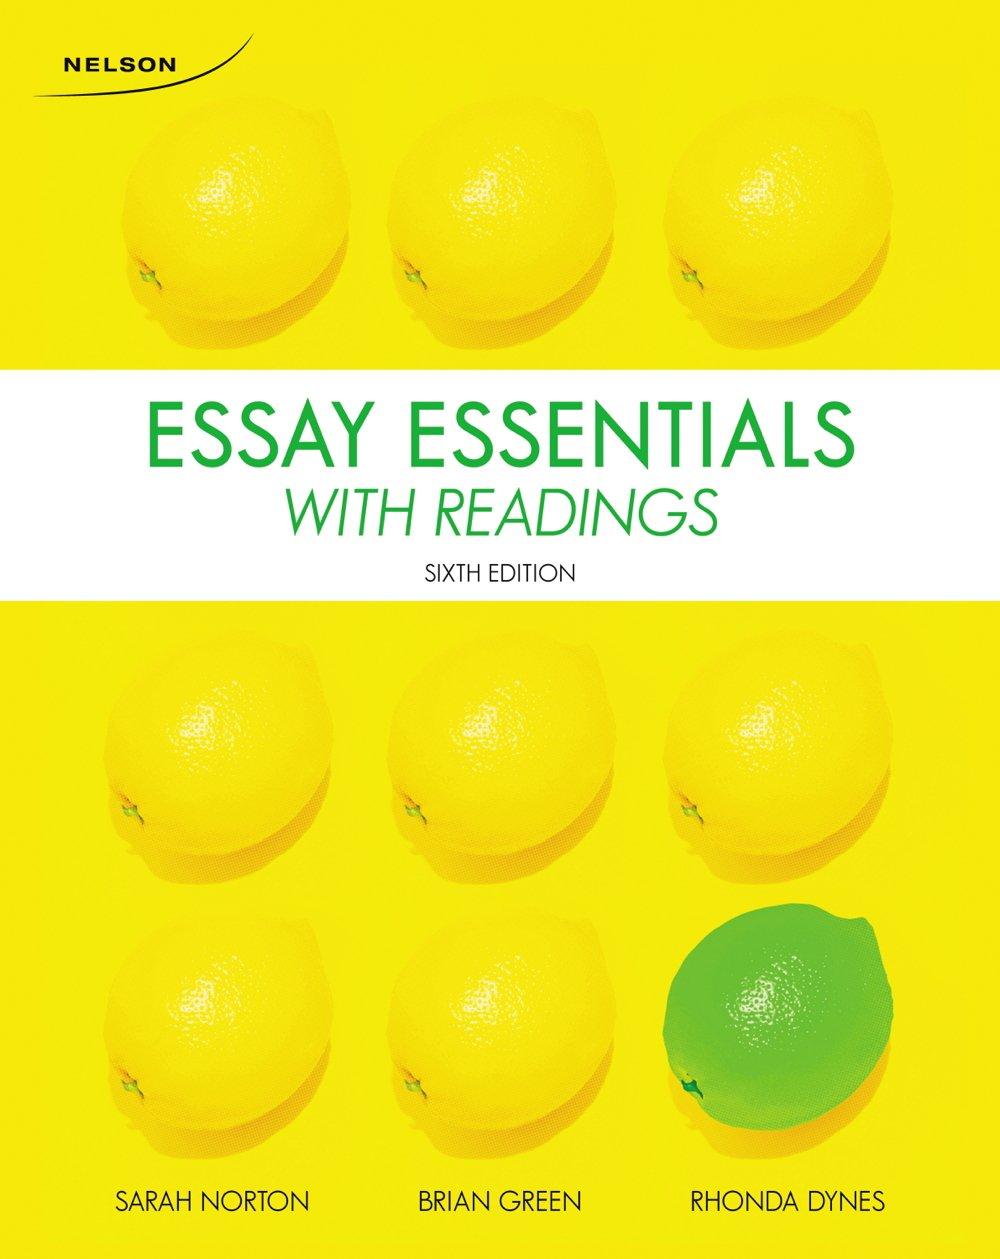 essay essentials readings sarah norton brian green rhonda essay essentials readings sarah norton brian green rhonda dynes 9780176531621 books ca